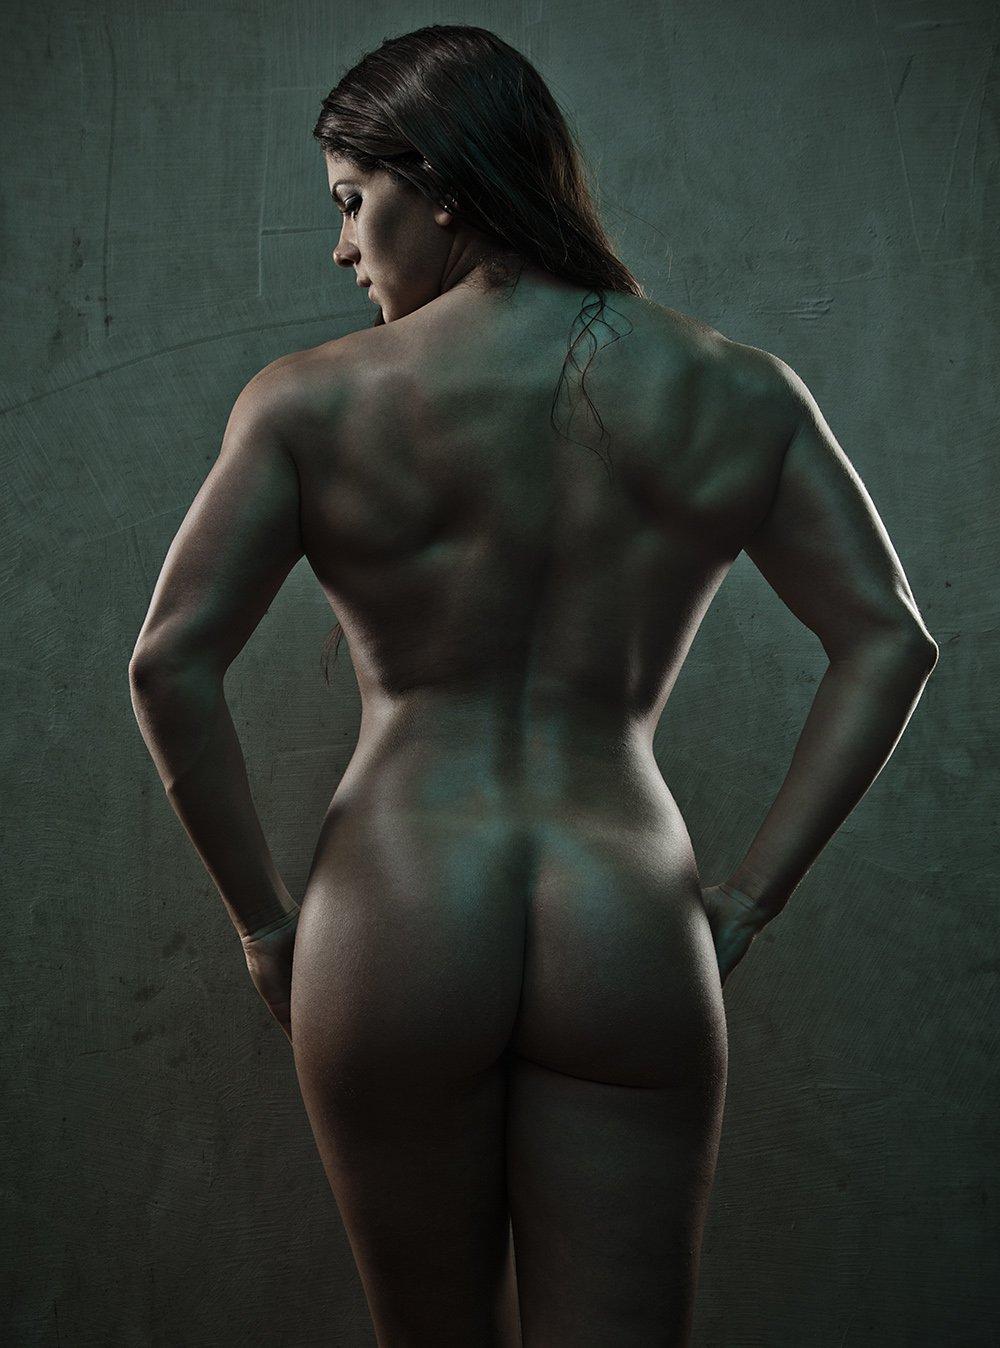 Naked girl strip videos